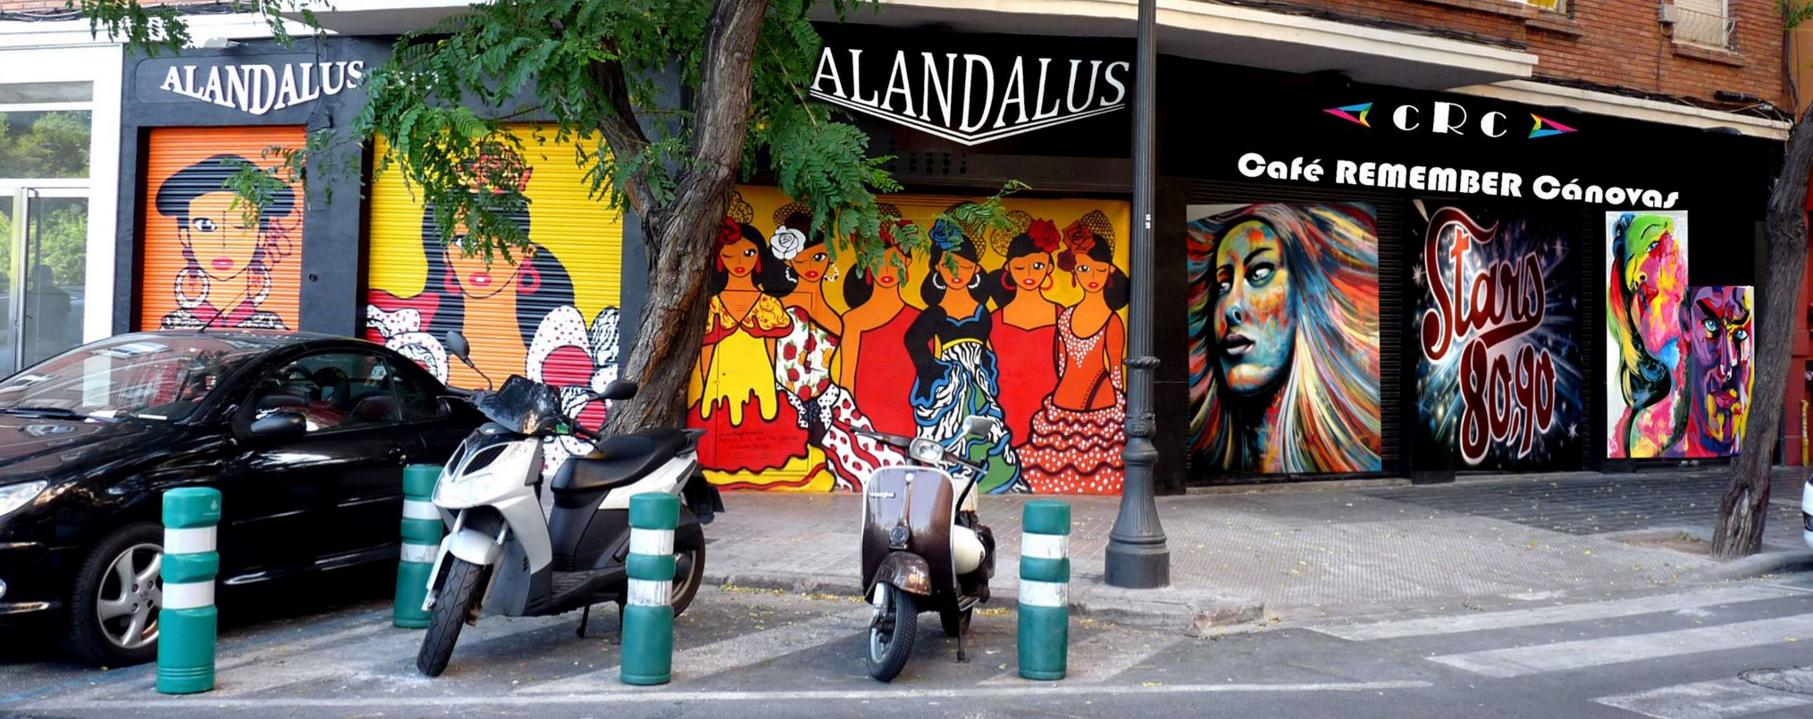 Conde Altea 62 esquina Av. Jacinto Benavente, pintadas en las persianas de un Pub que ahora se llama Café Remember Cánovas y que también dispone dentro. Fotos cedidas por Montserrat Rivaya Carol.